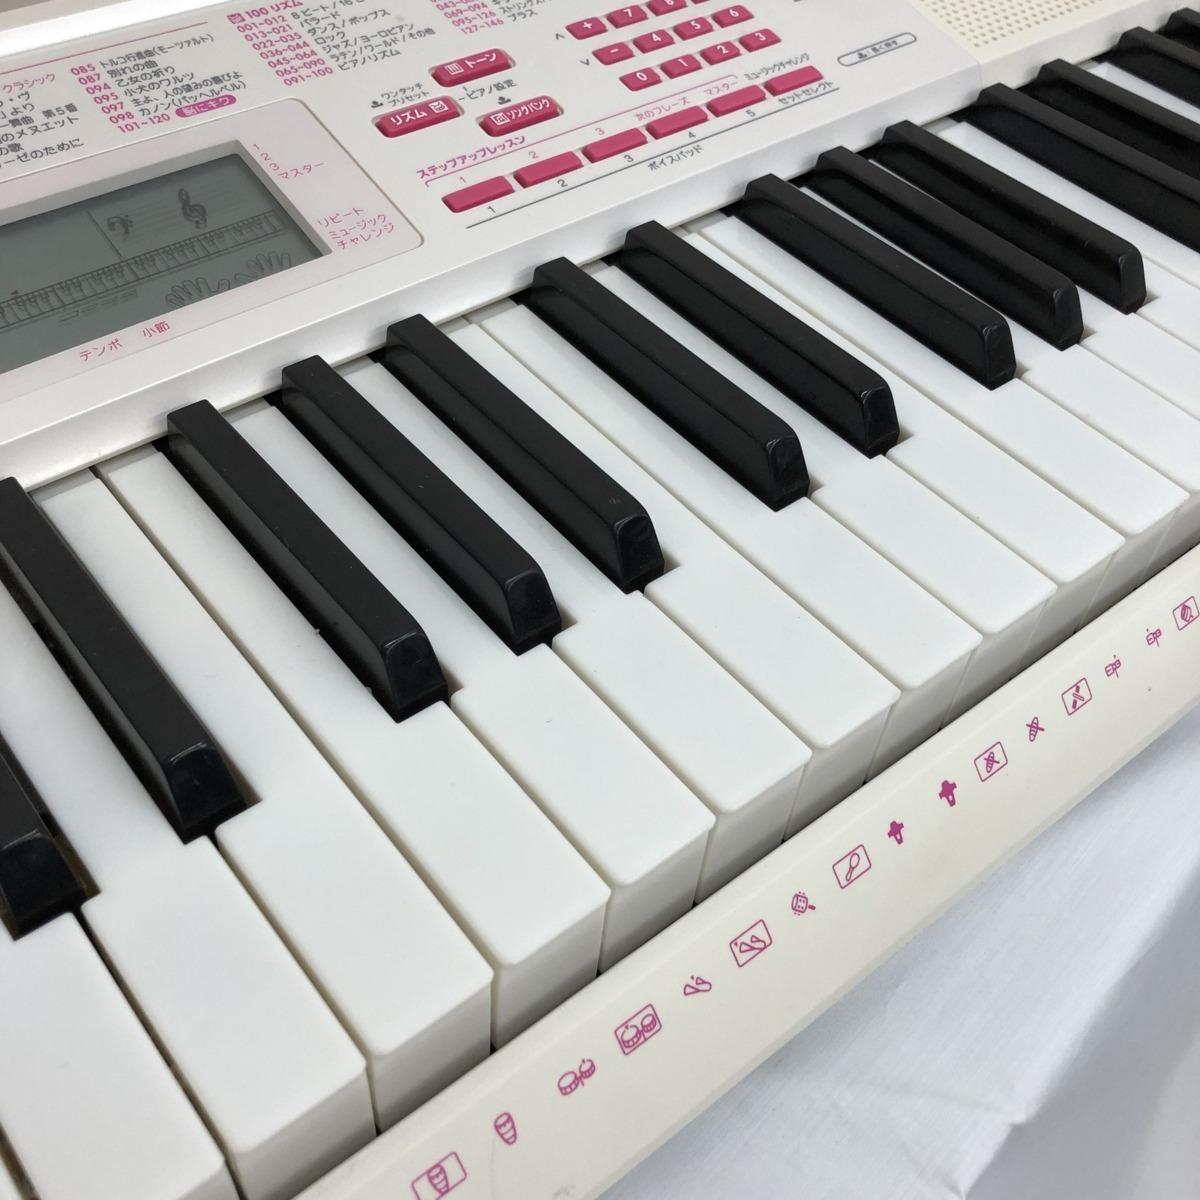 中古 CASIO カシオ 電子キーボード 光ナビゲーション LK-121 61鍵盤 電子ピアノ ホワイト ピンク 鍵盤楽器 アダプター付き H15423_画像3